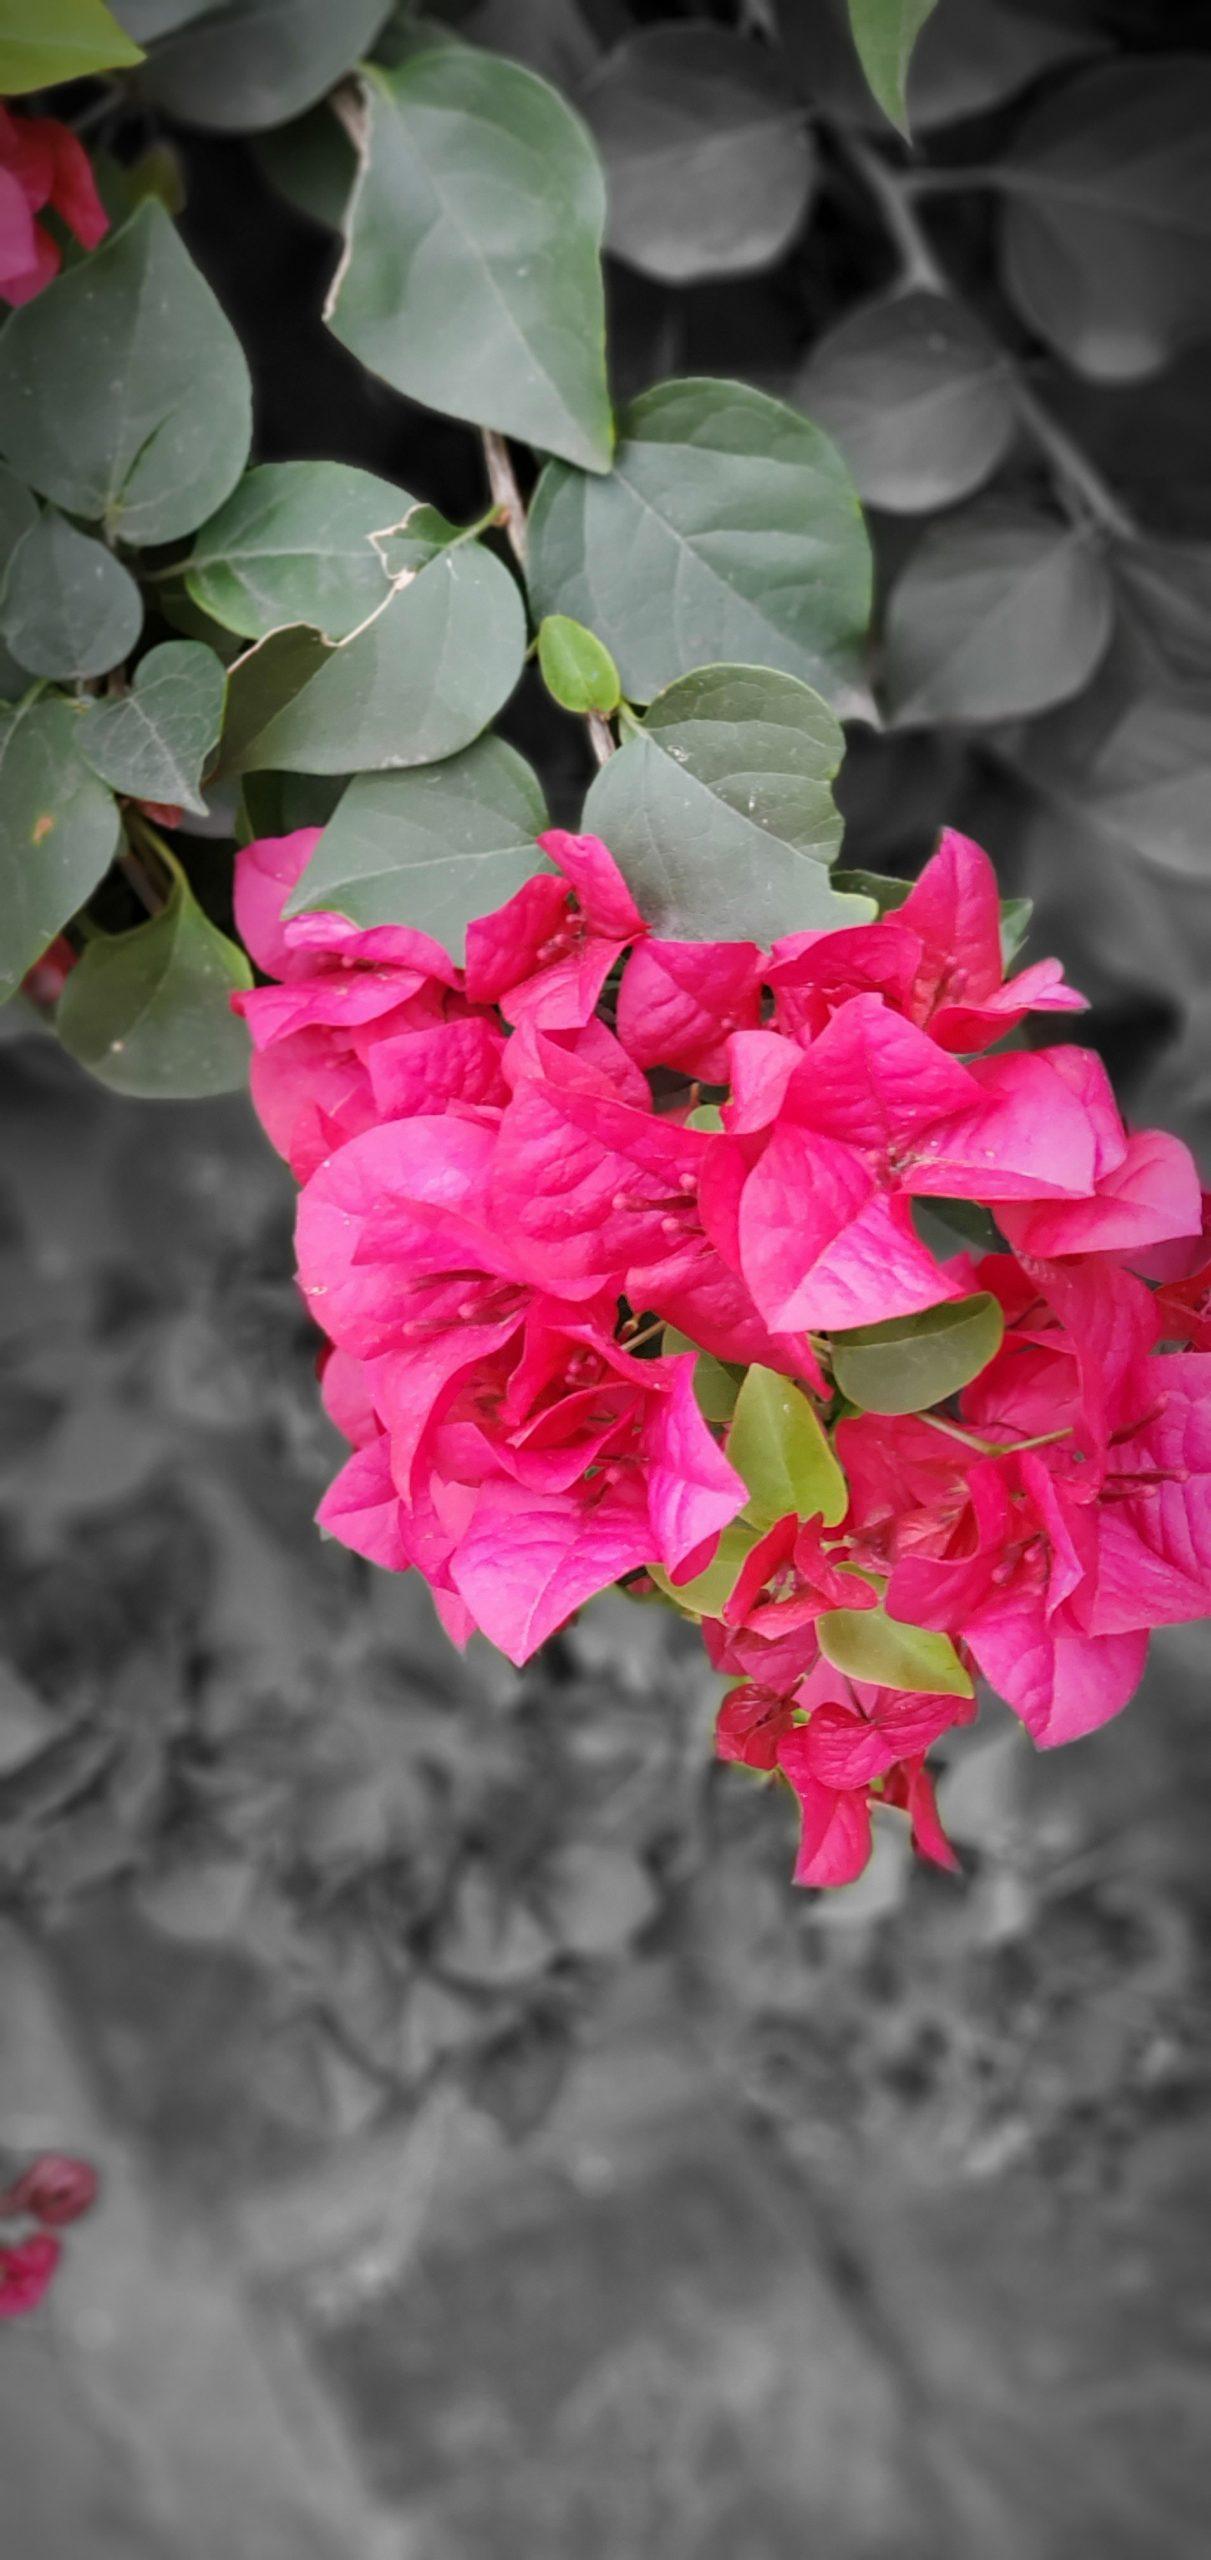 Flowers4 at Simola